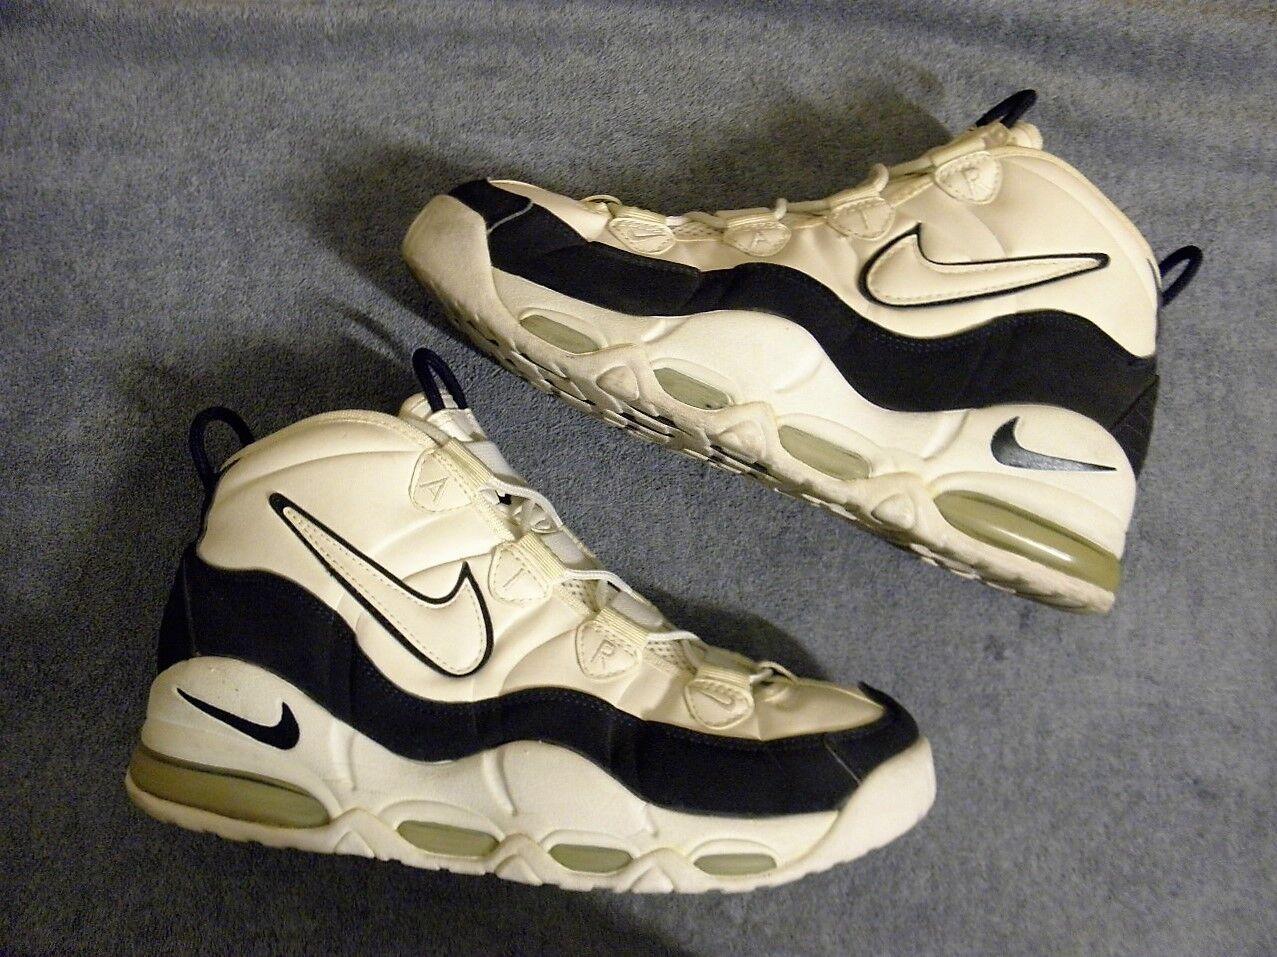 Details about Nike Air Max Uptempo ORIGINAL 1995 '95 Vintage 11.5 Tim Duncan Scottie Pippen